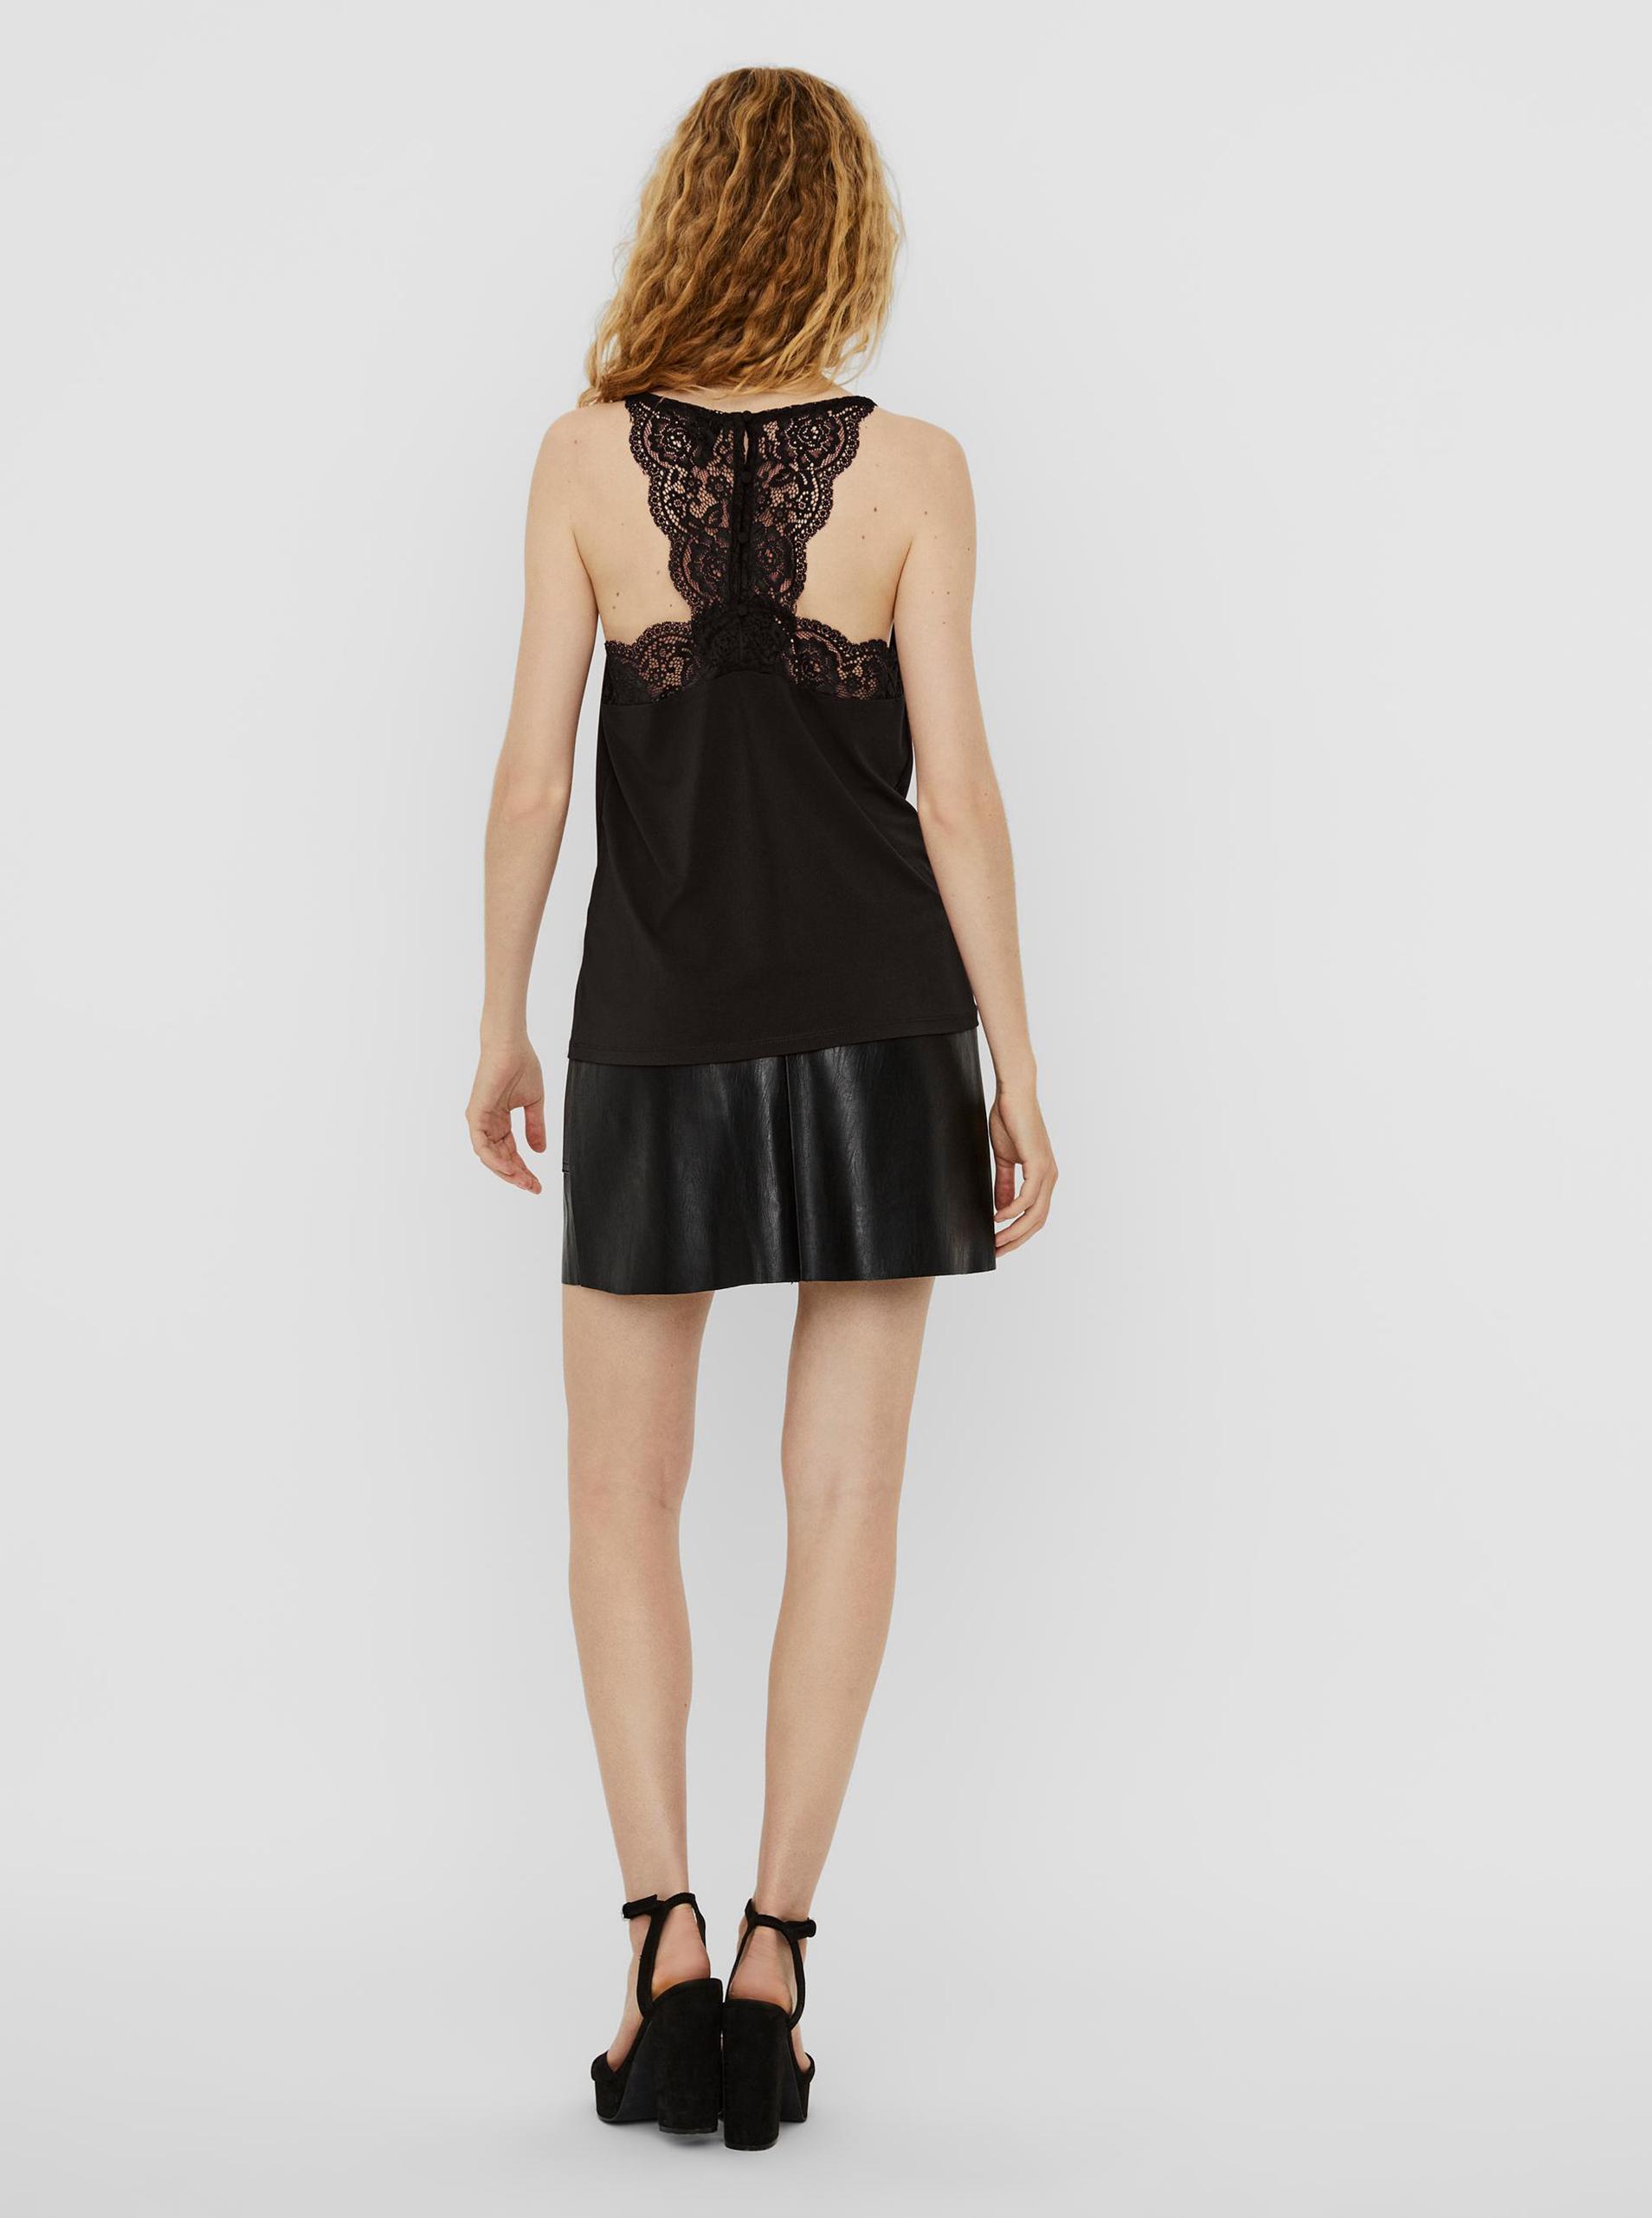 Vero Moda fekete top Ana